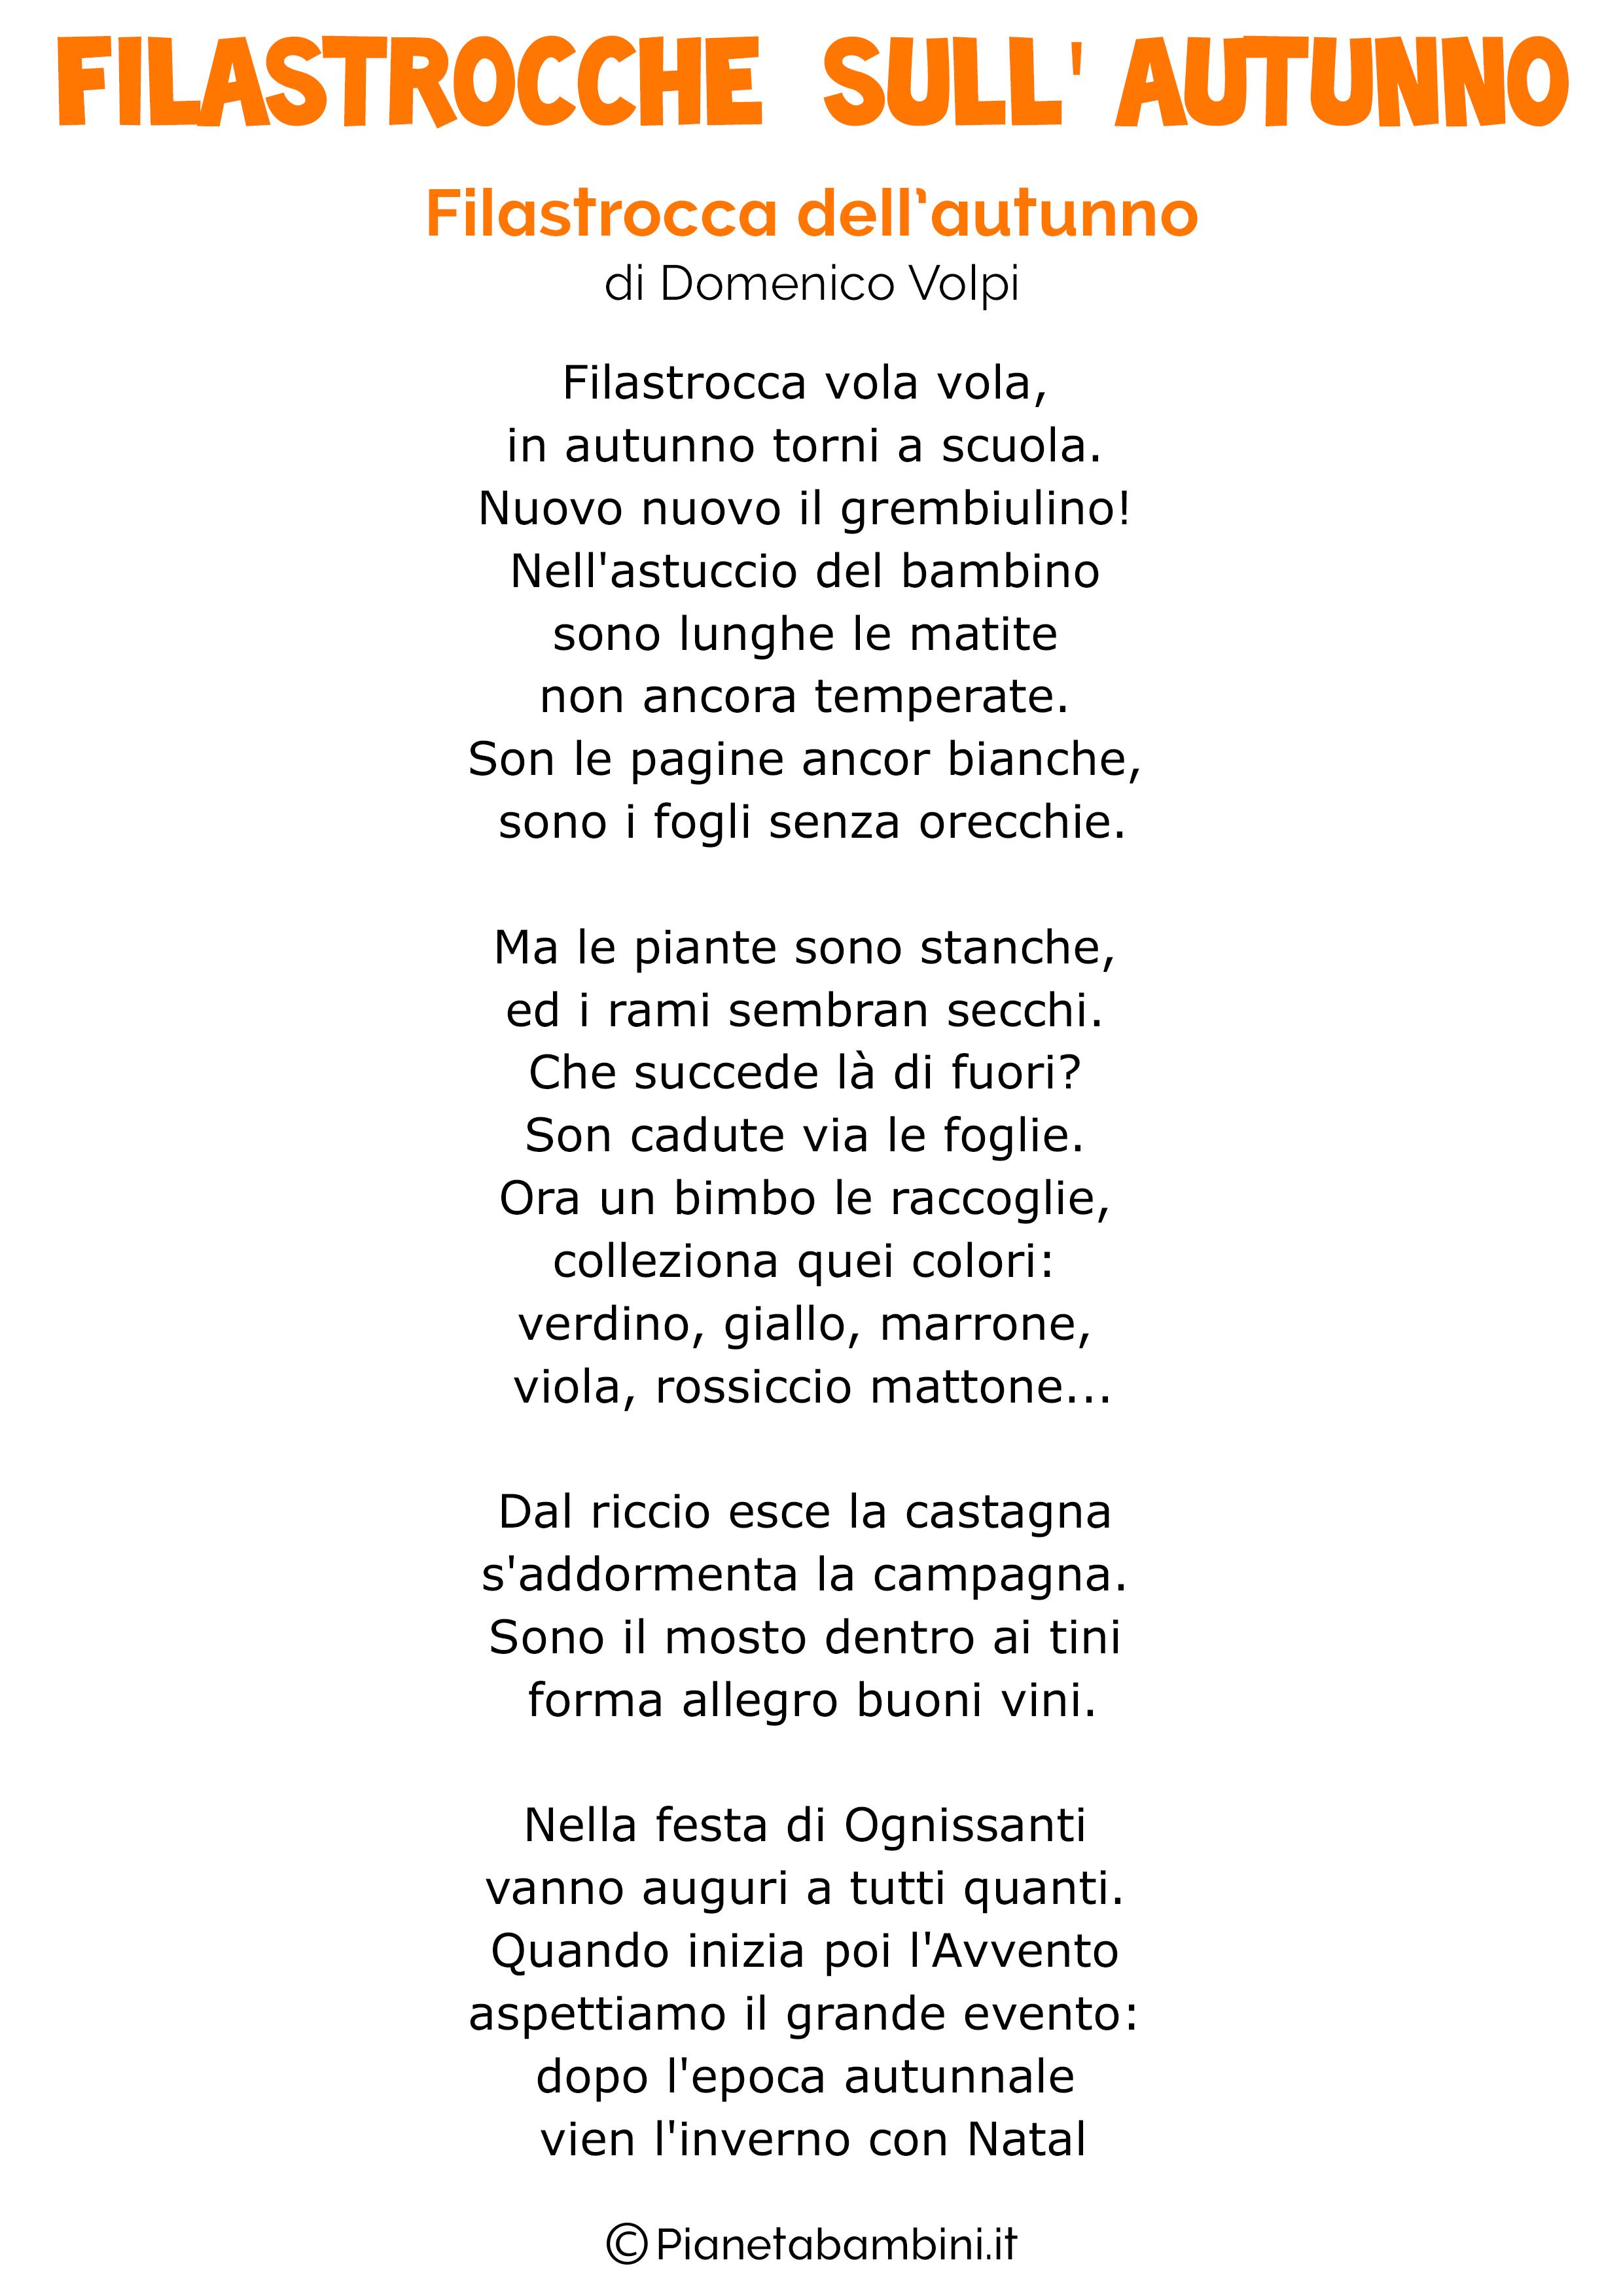 Filastrocca-Autunno-Domenico-Volpi